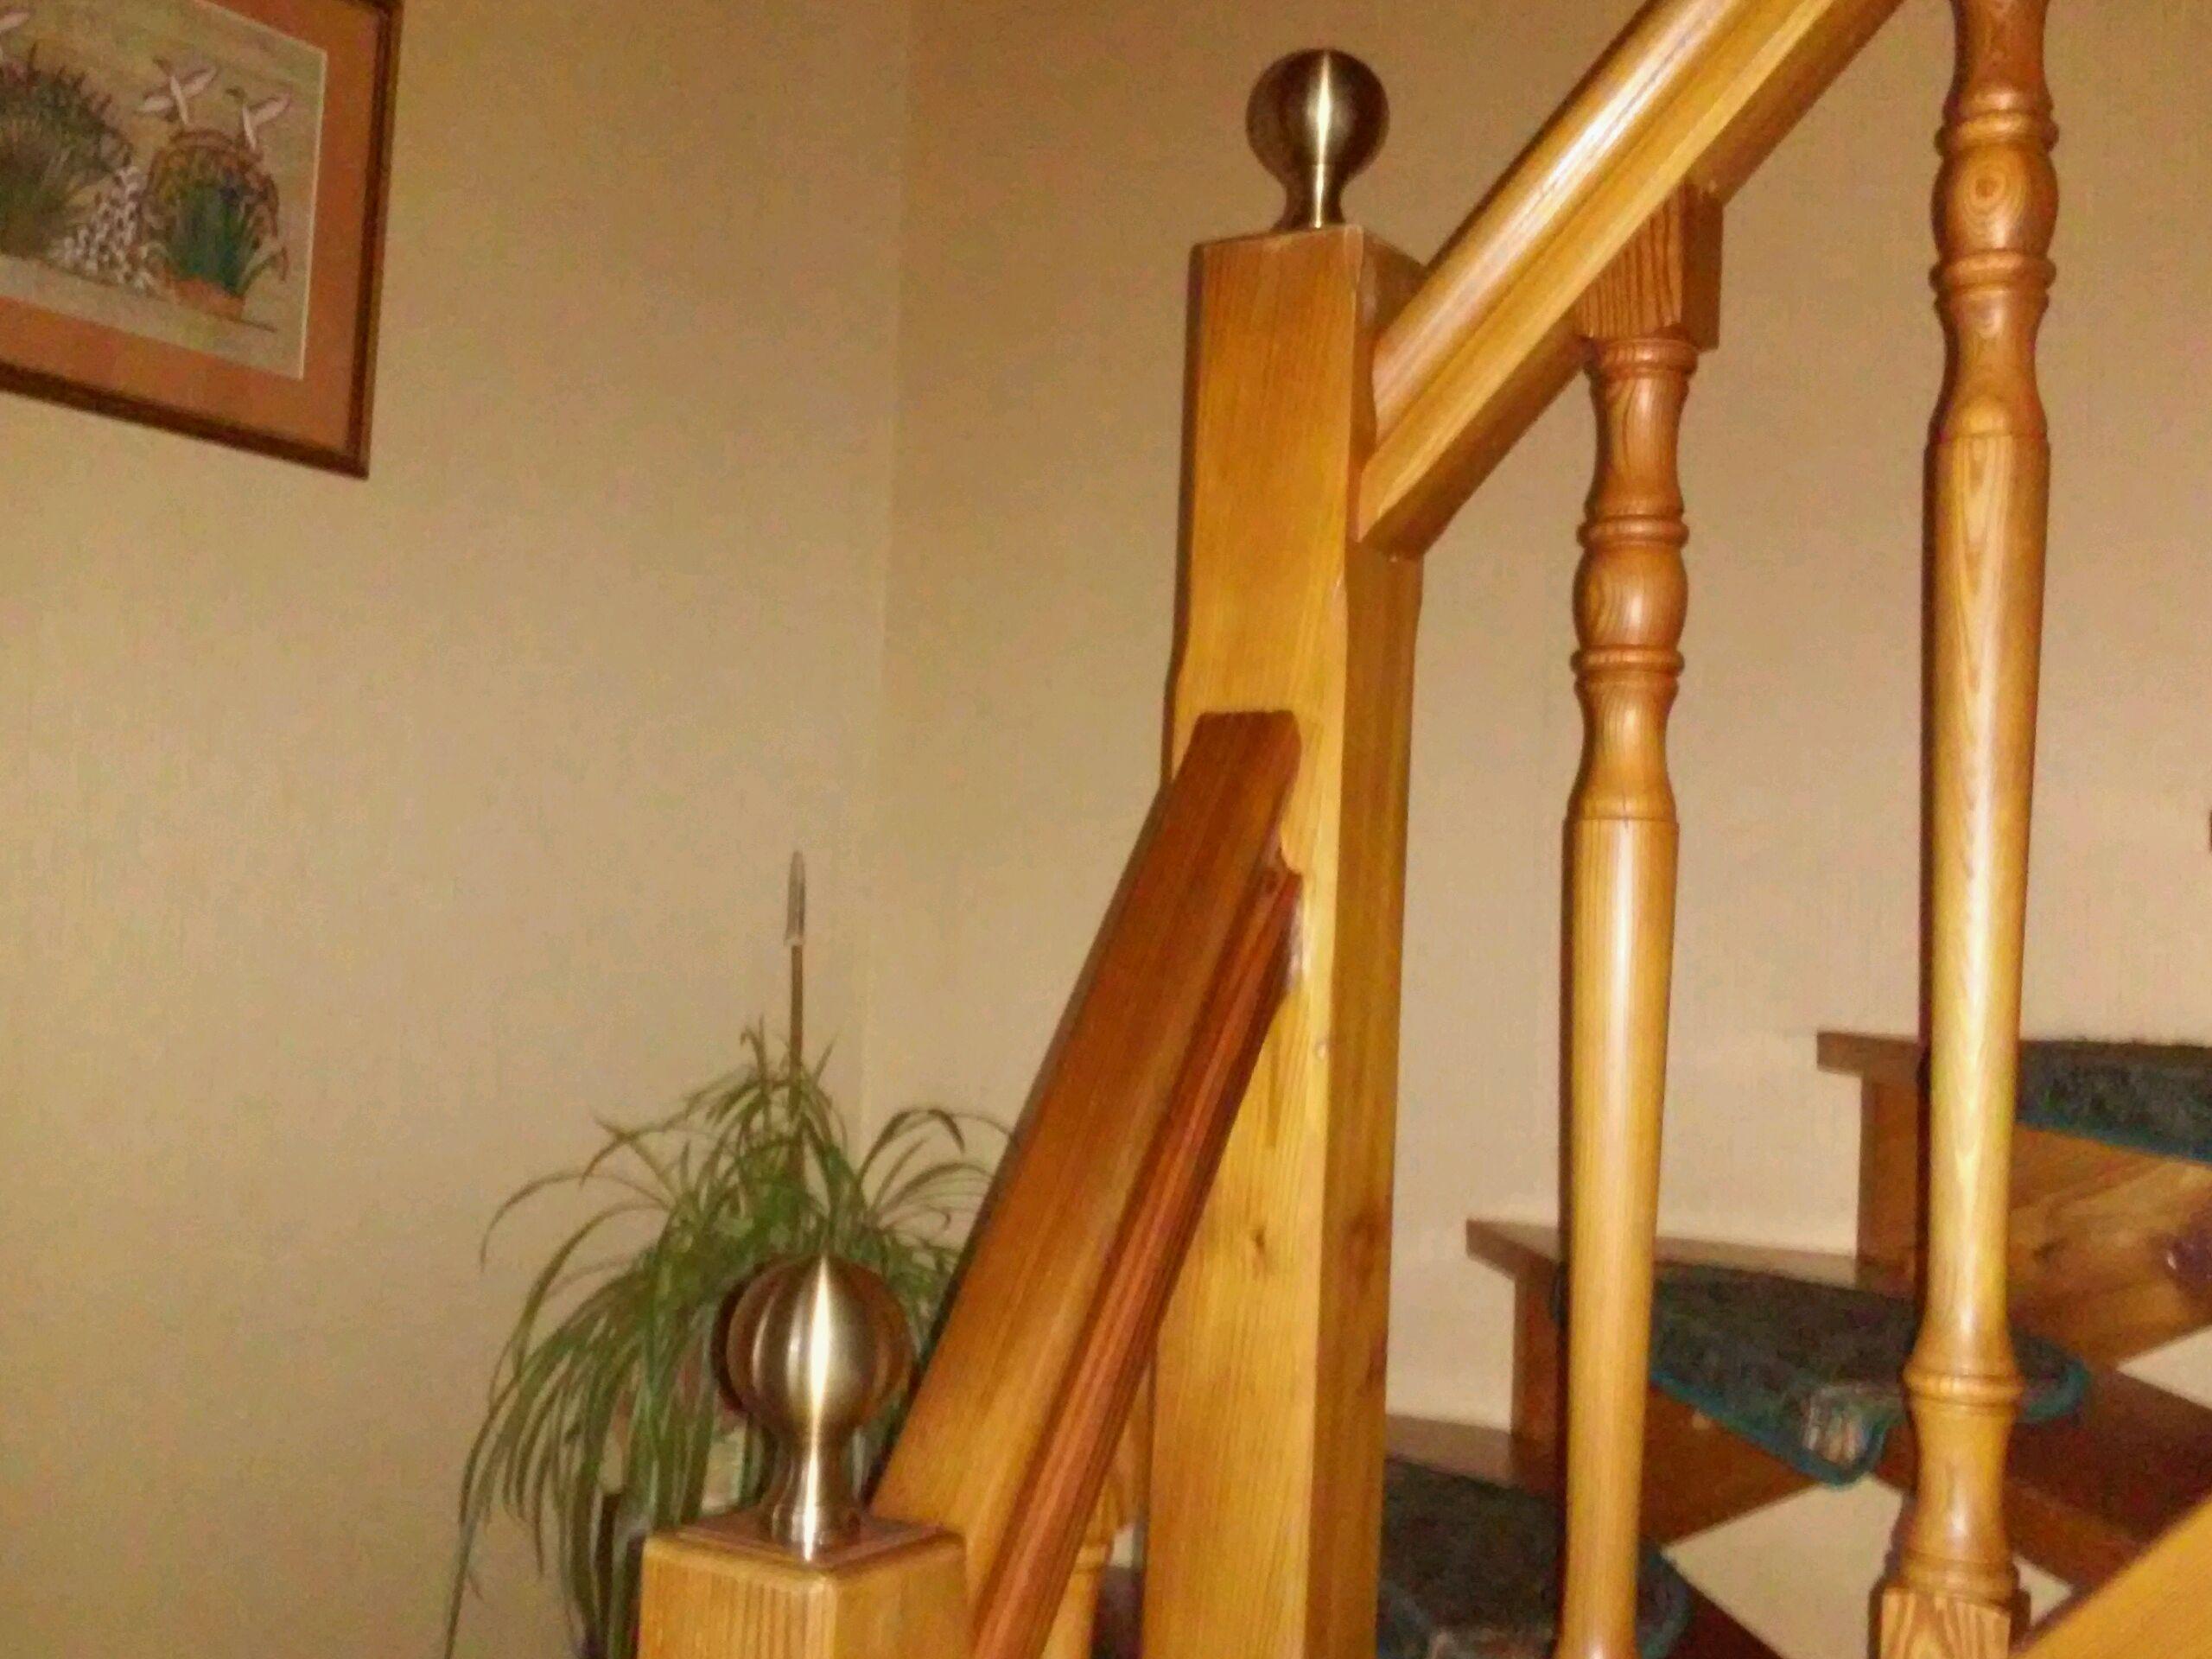 <b>Décoration</b> par notre client d'une <b>rampe d'escalier en bois</b> avec des <b>pommeaux en laiton</b> patiné cuir à partir de notre gamme de pièces détachées.